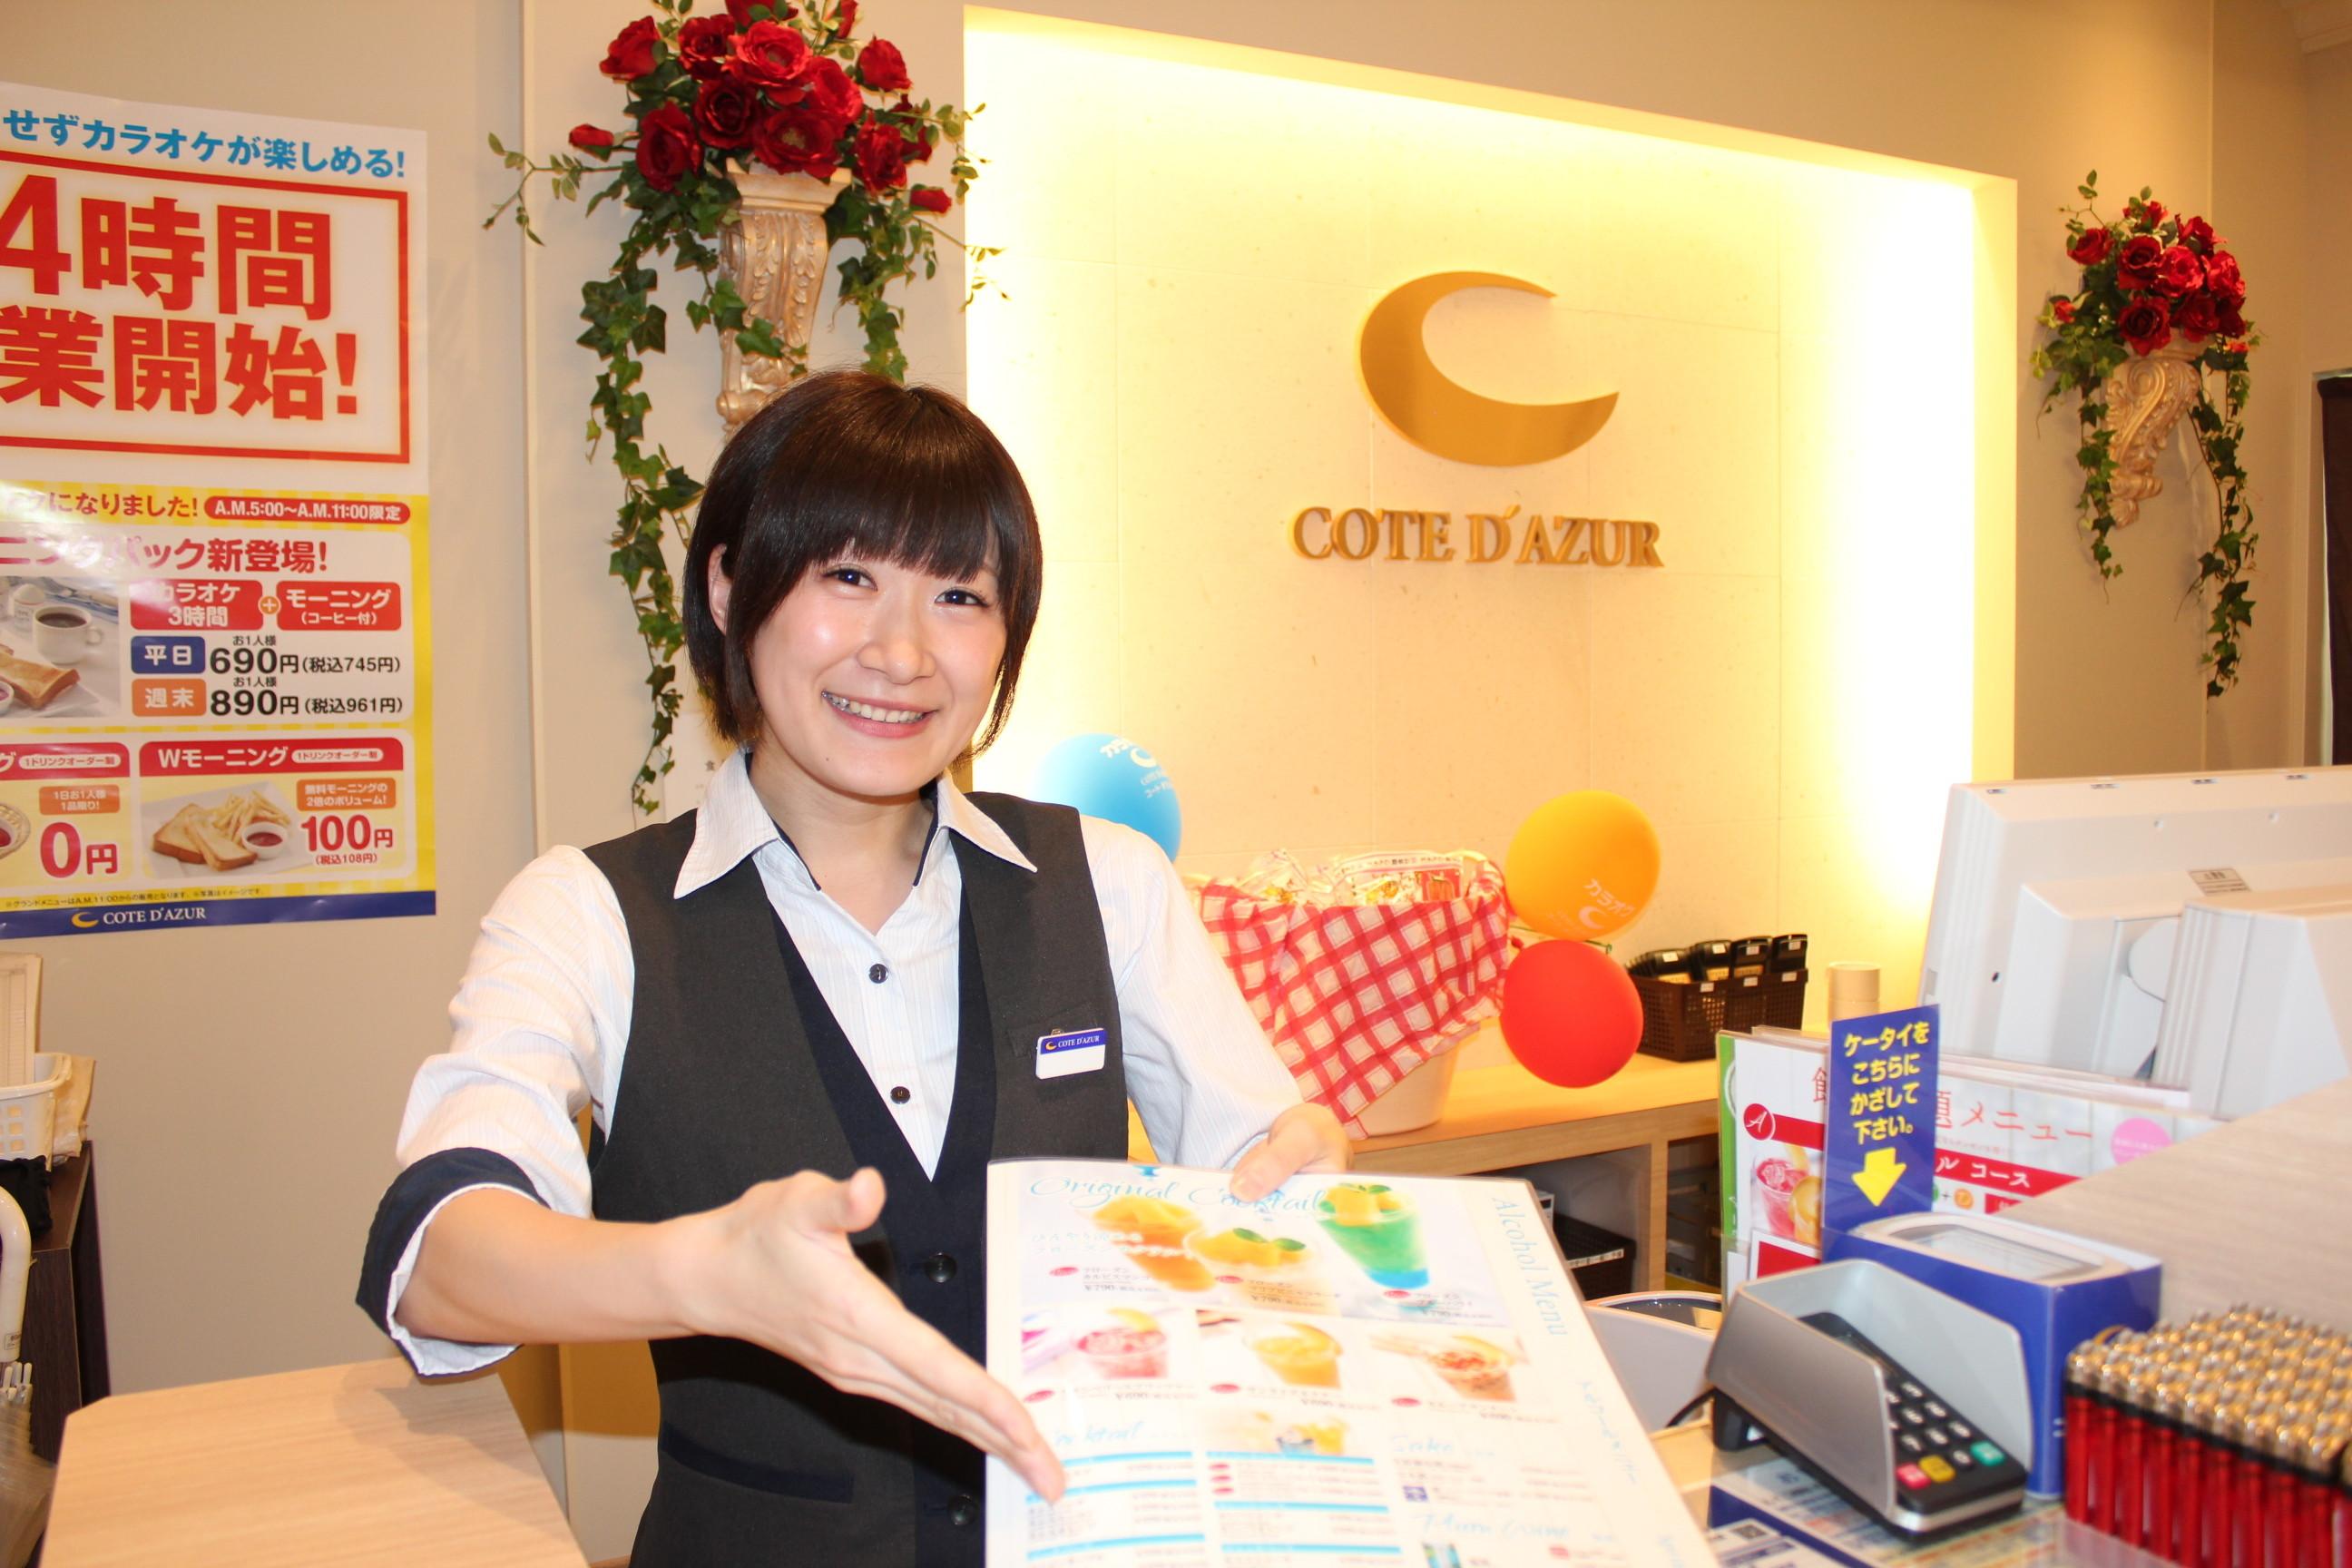 コート・ダジュール 京急川崎駅前店 のアルバイト情報